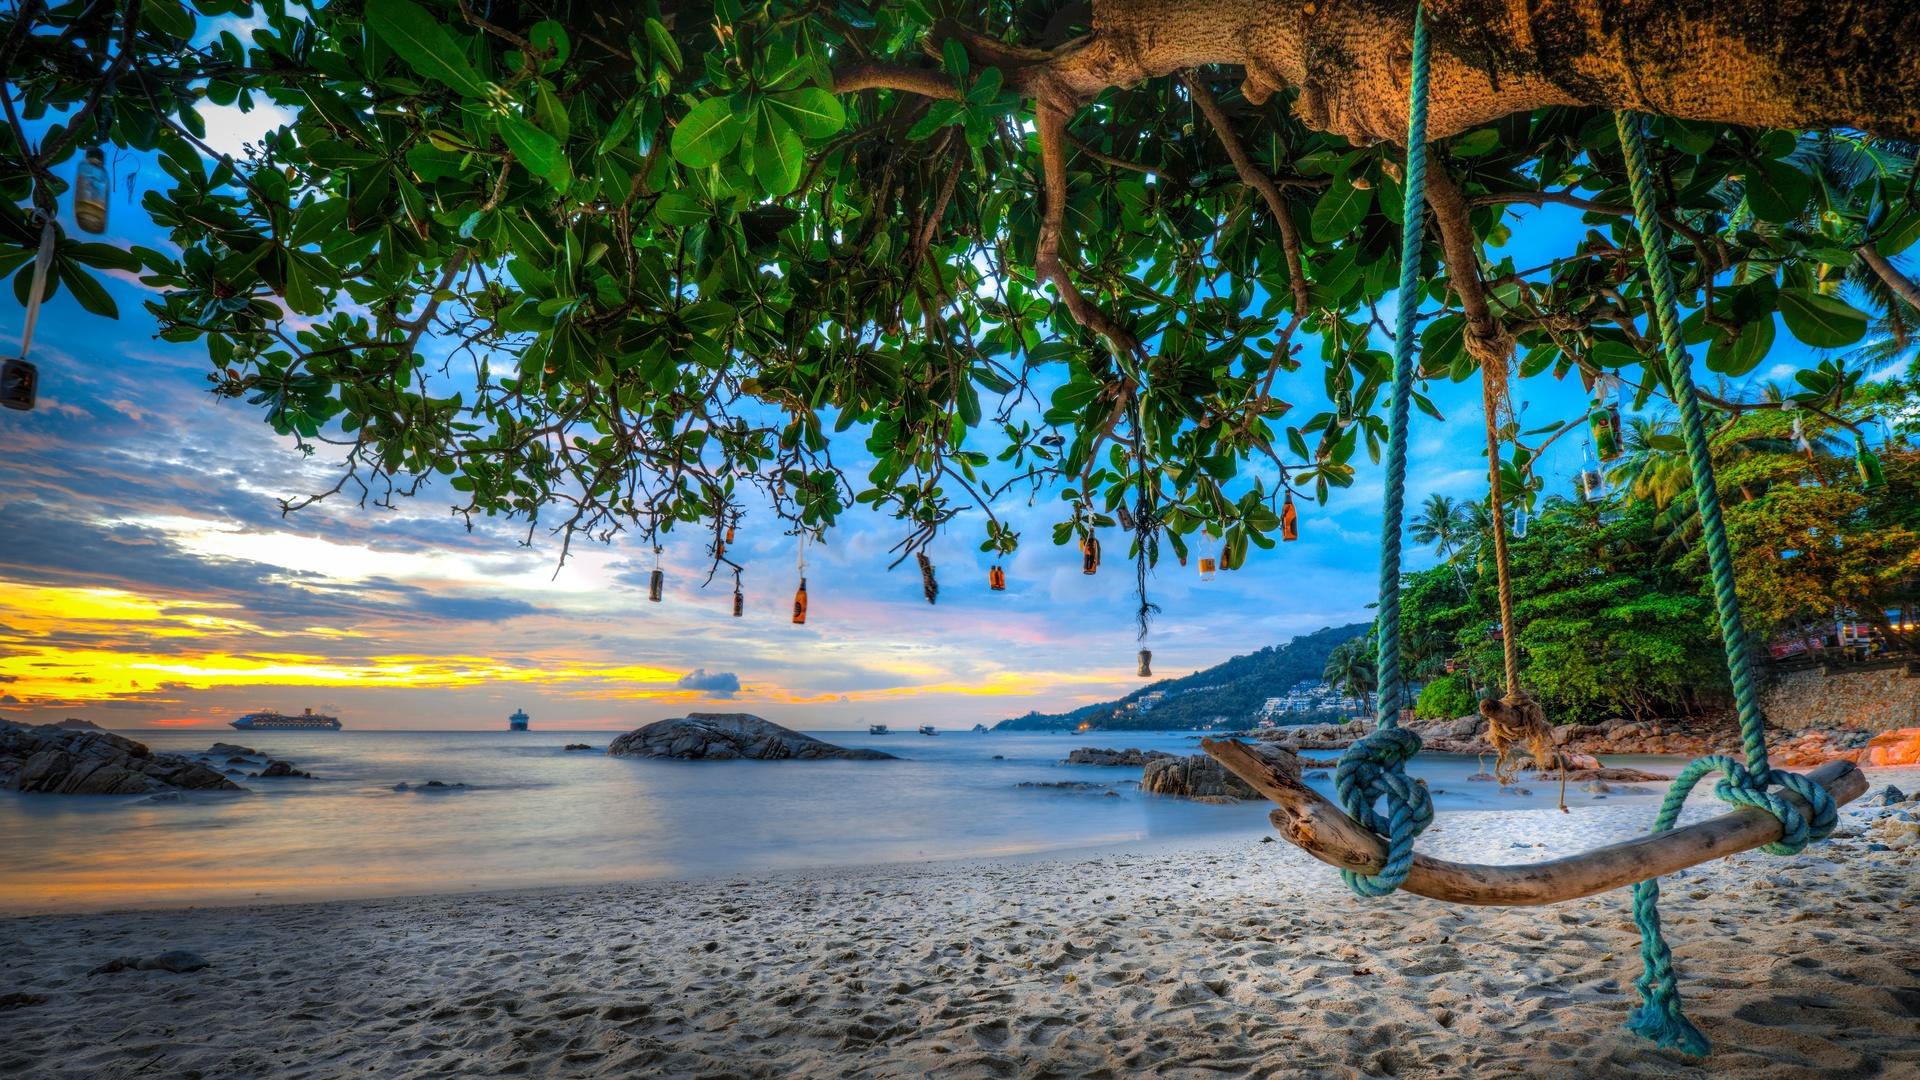 природа, пейзаж, песок, море, пляж, деревья, качели, скалы, валуны, побережье, бутылки, тайланд, патонг